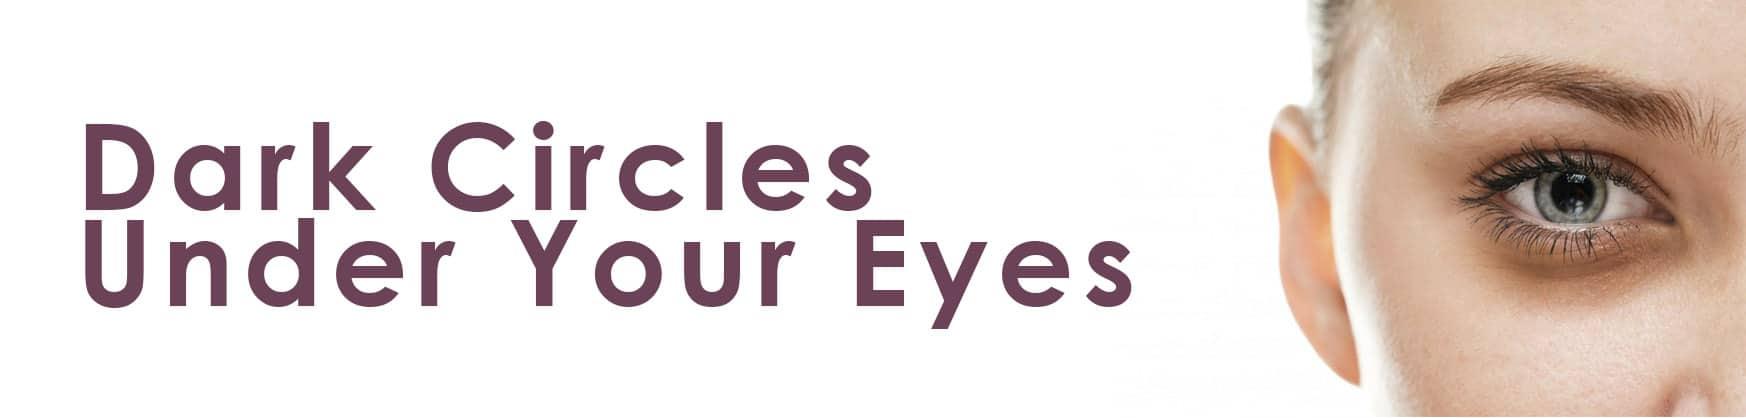 dark circles under eyes treatment in Hartford, CT